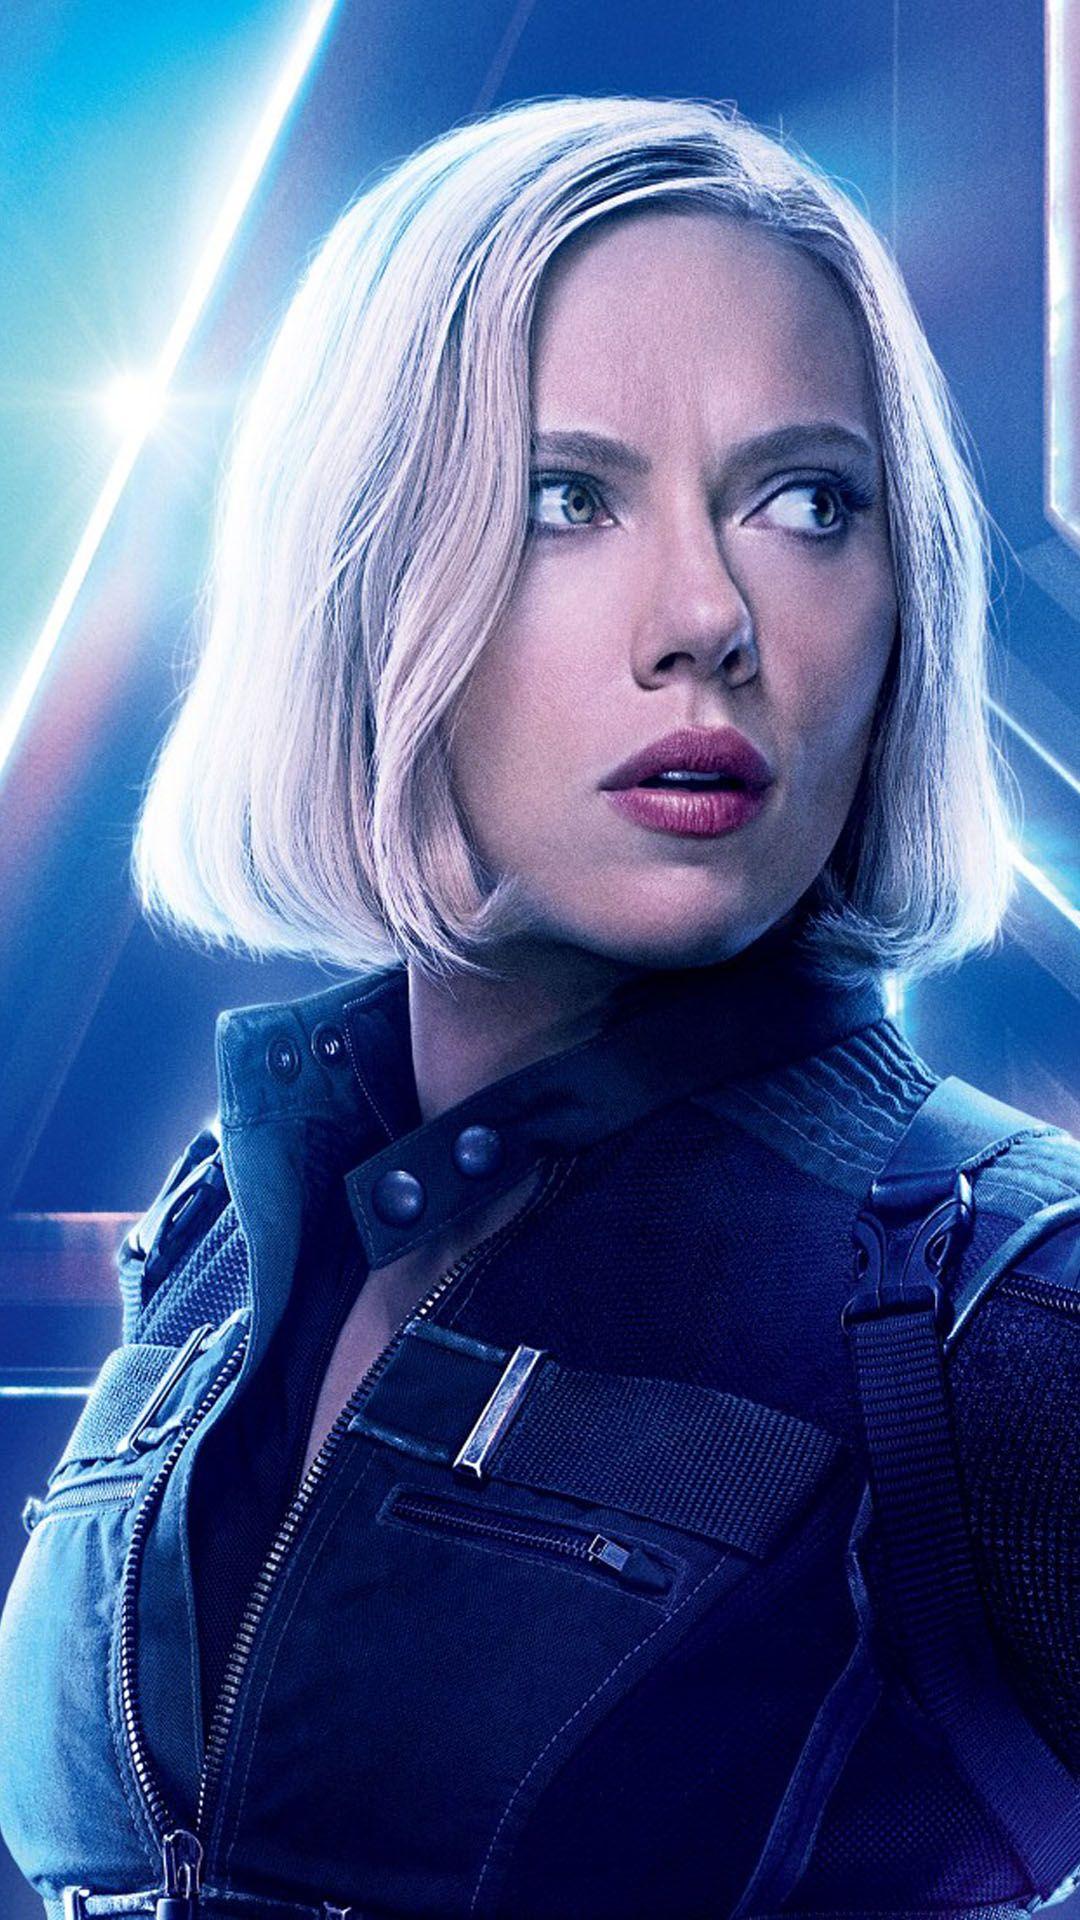 Scarlett Johansson In Avengers Infinity War Black widow